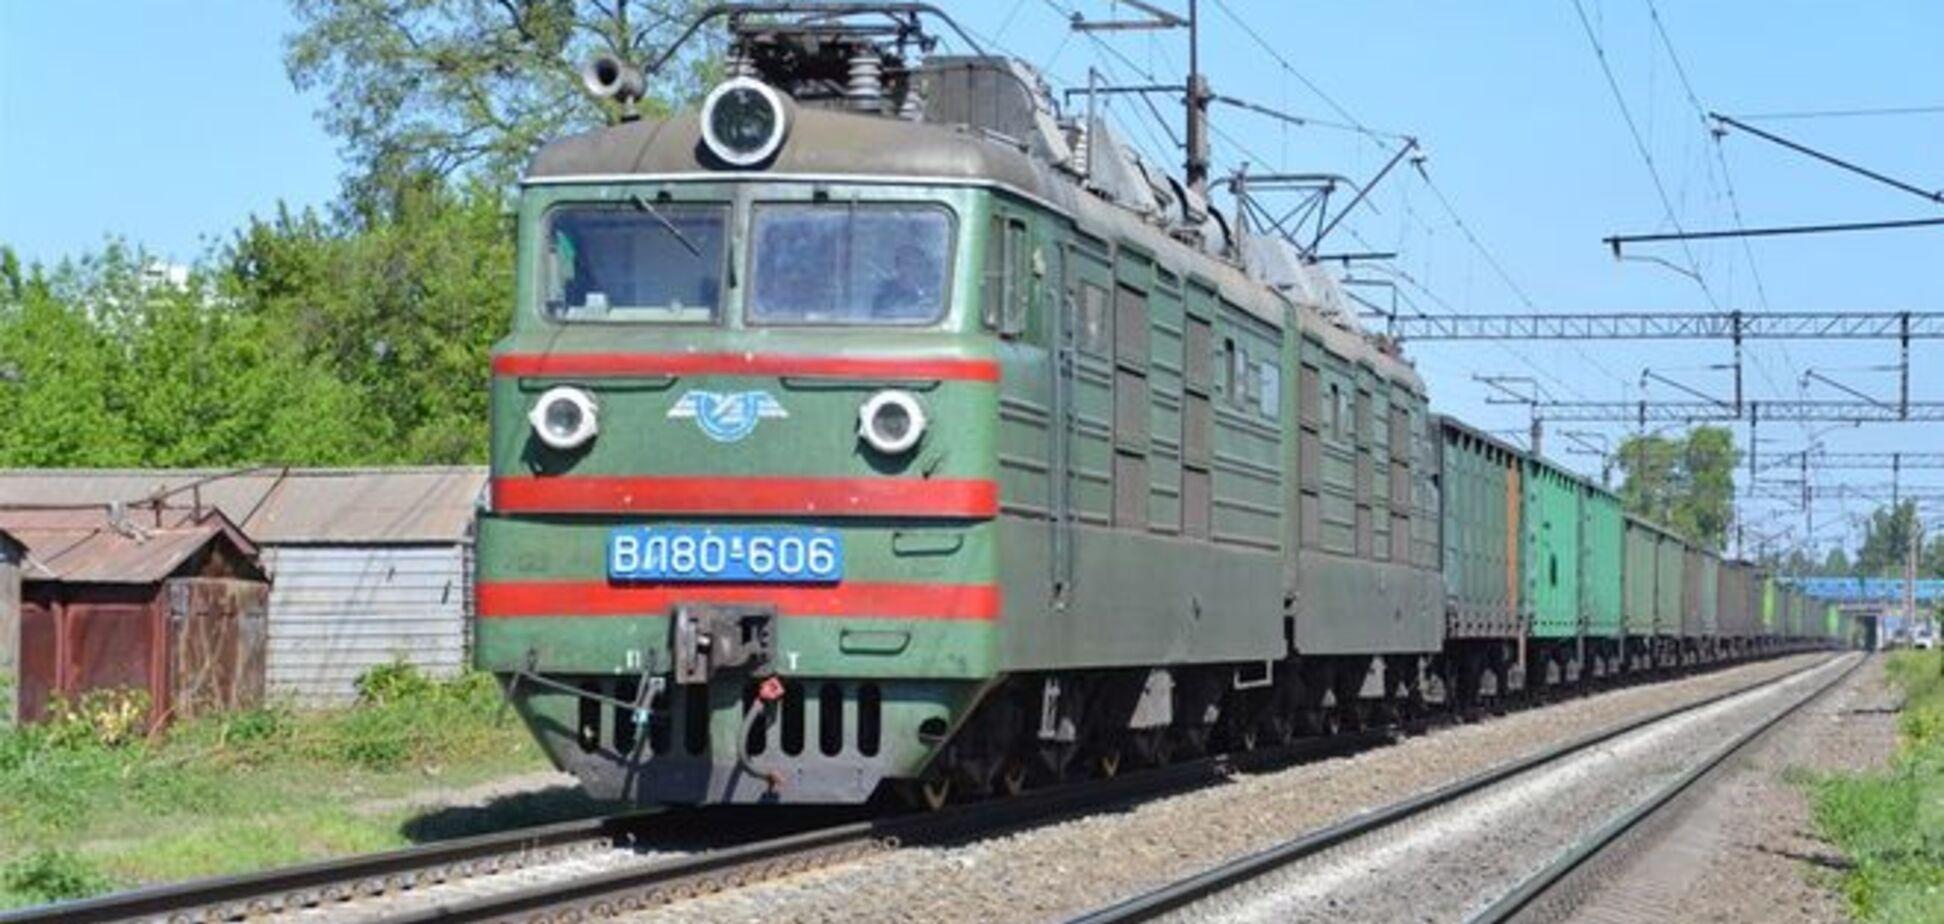 В Киеве мужчина попал под поезд. Его личность установили по карточке киевлянина